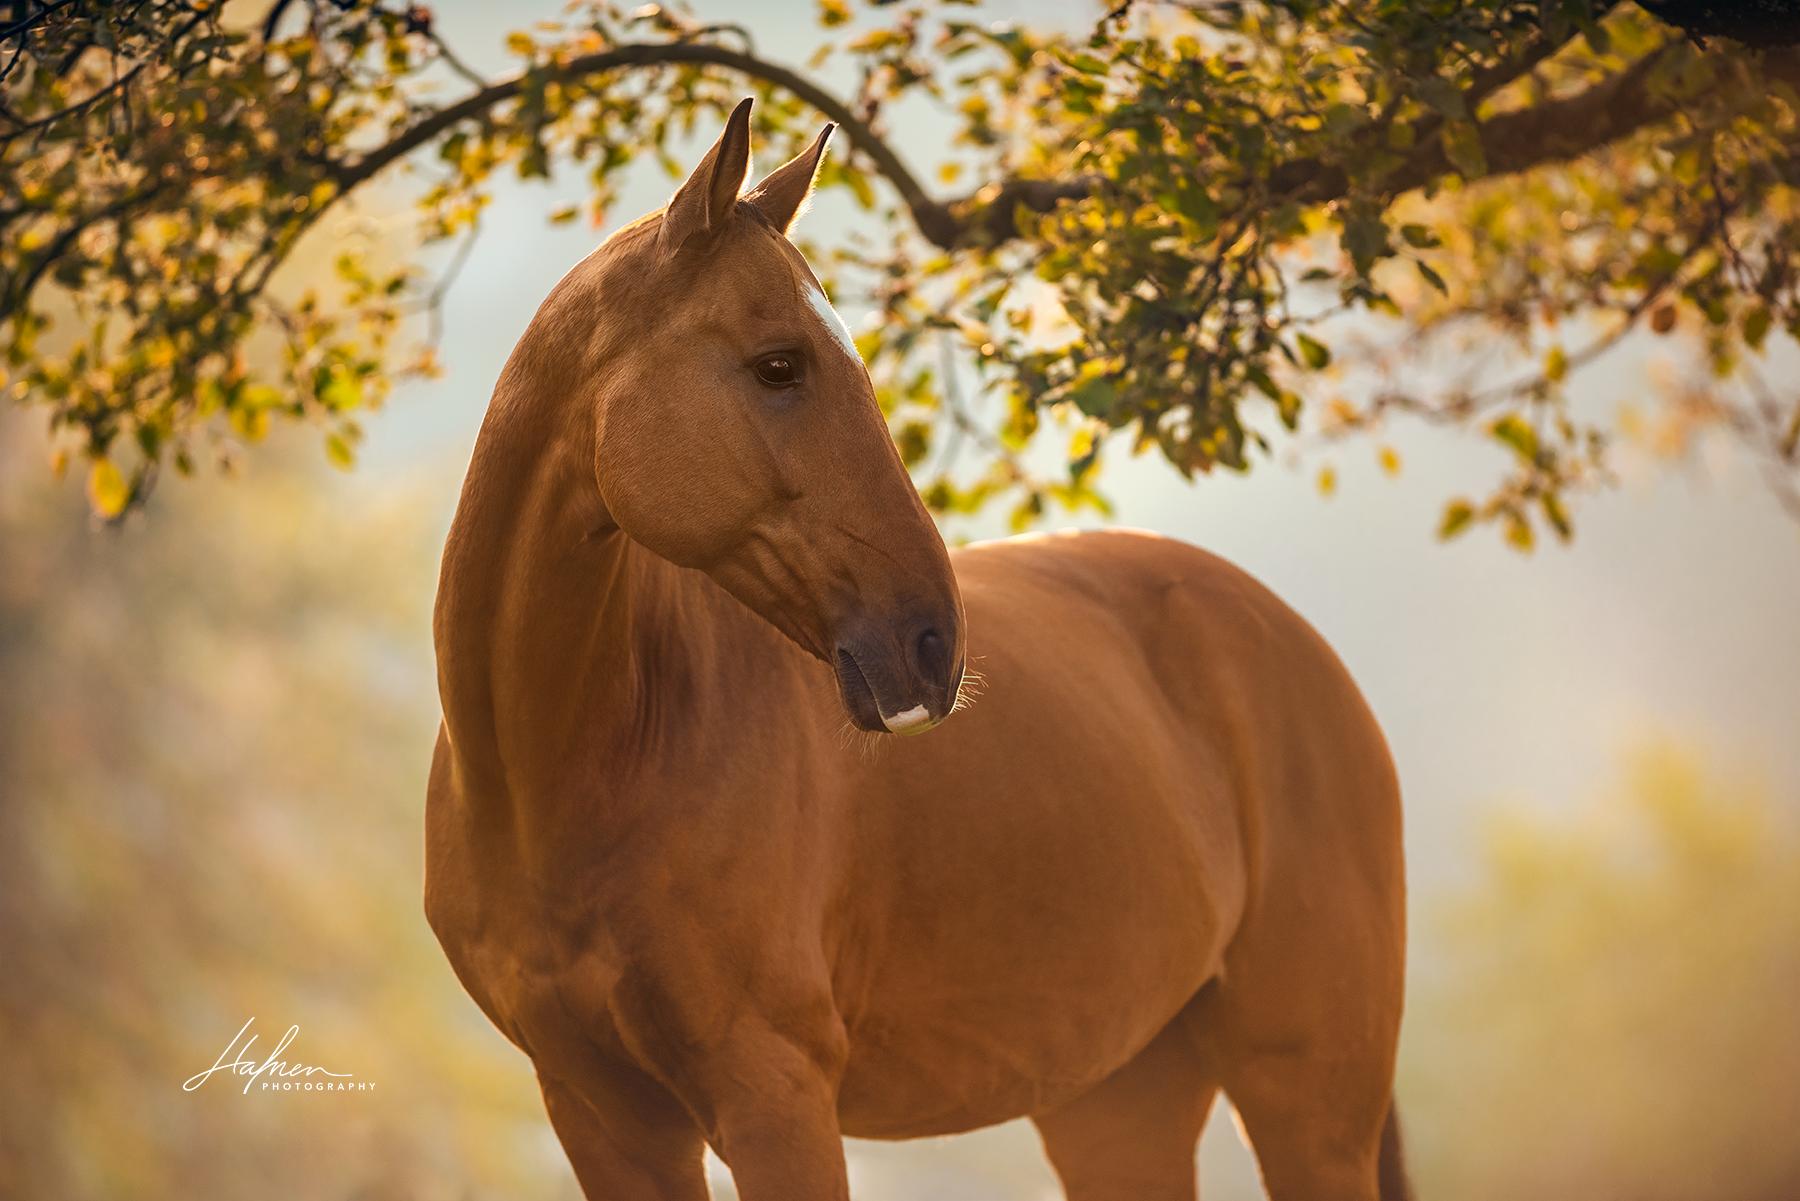 Pin Von Anna Marie Auf Equine Photography In 2020 Pferde Fotografie Pferdefotografie Pferdefotos